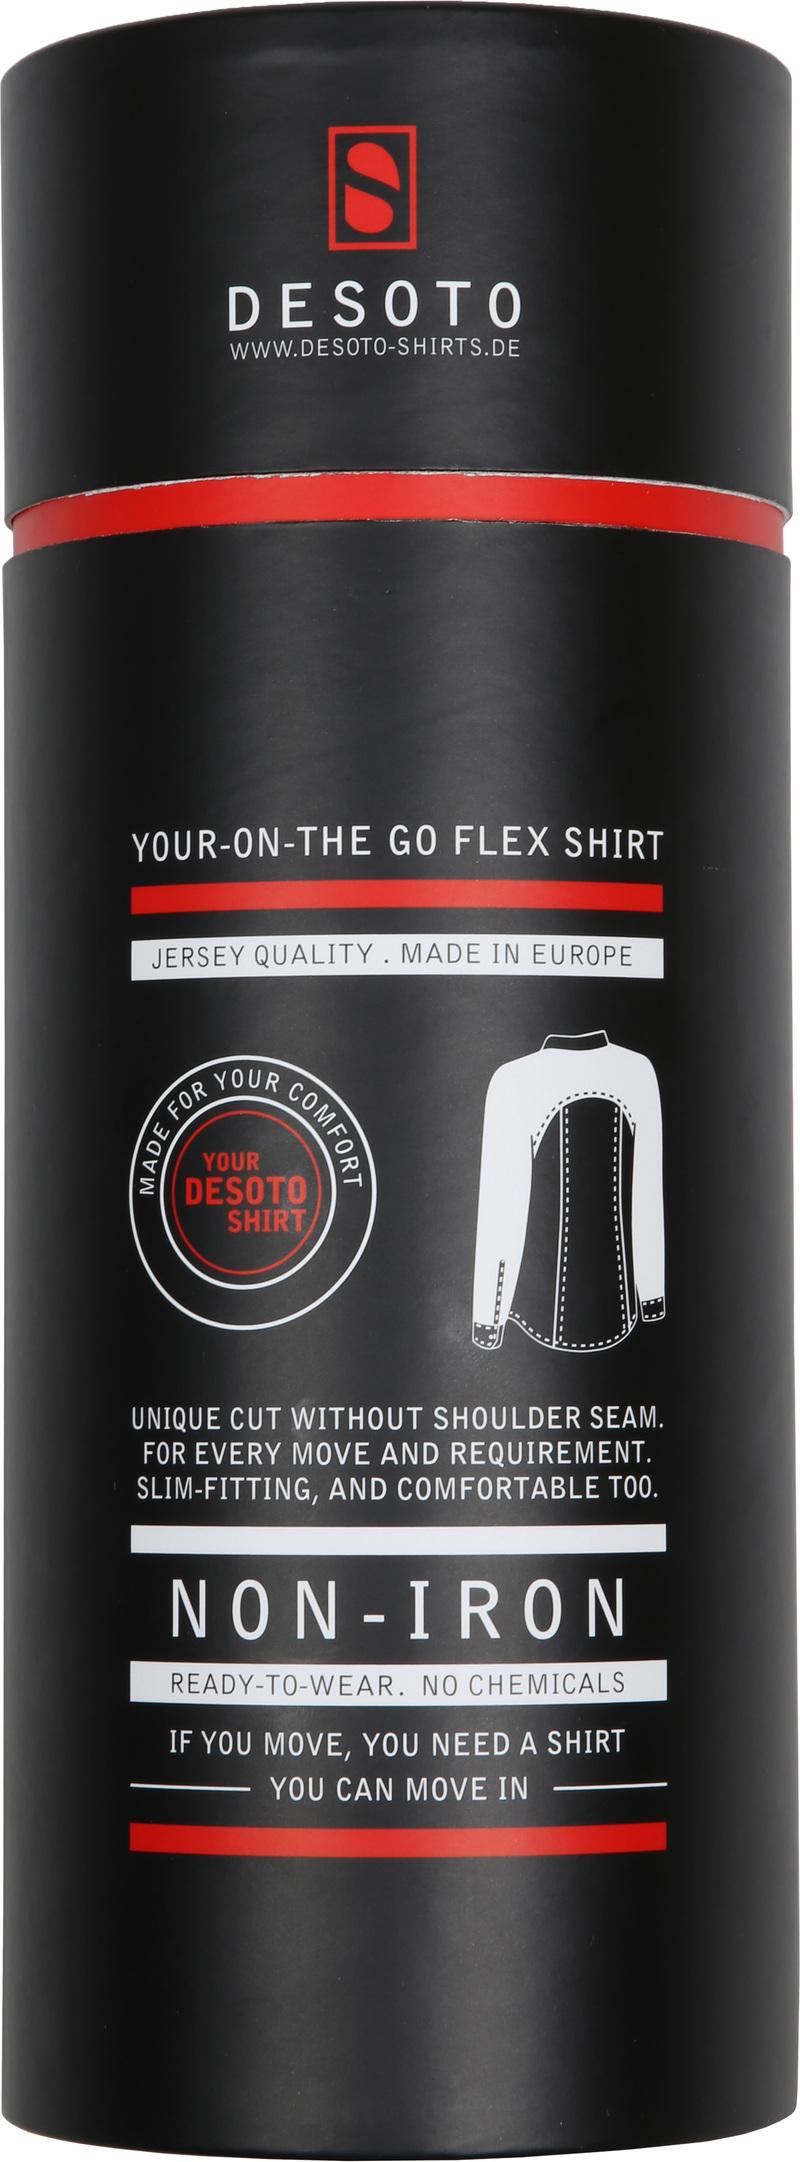 Desoto Shirt Non Iron Navy Oxford